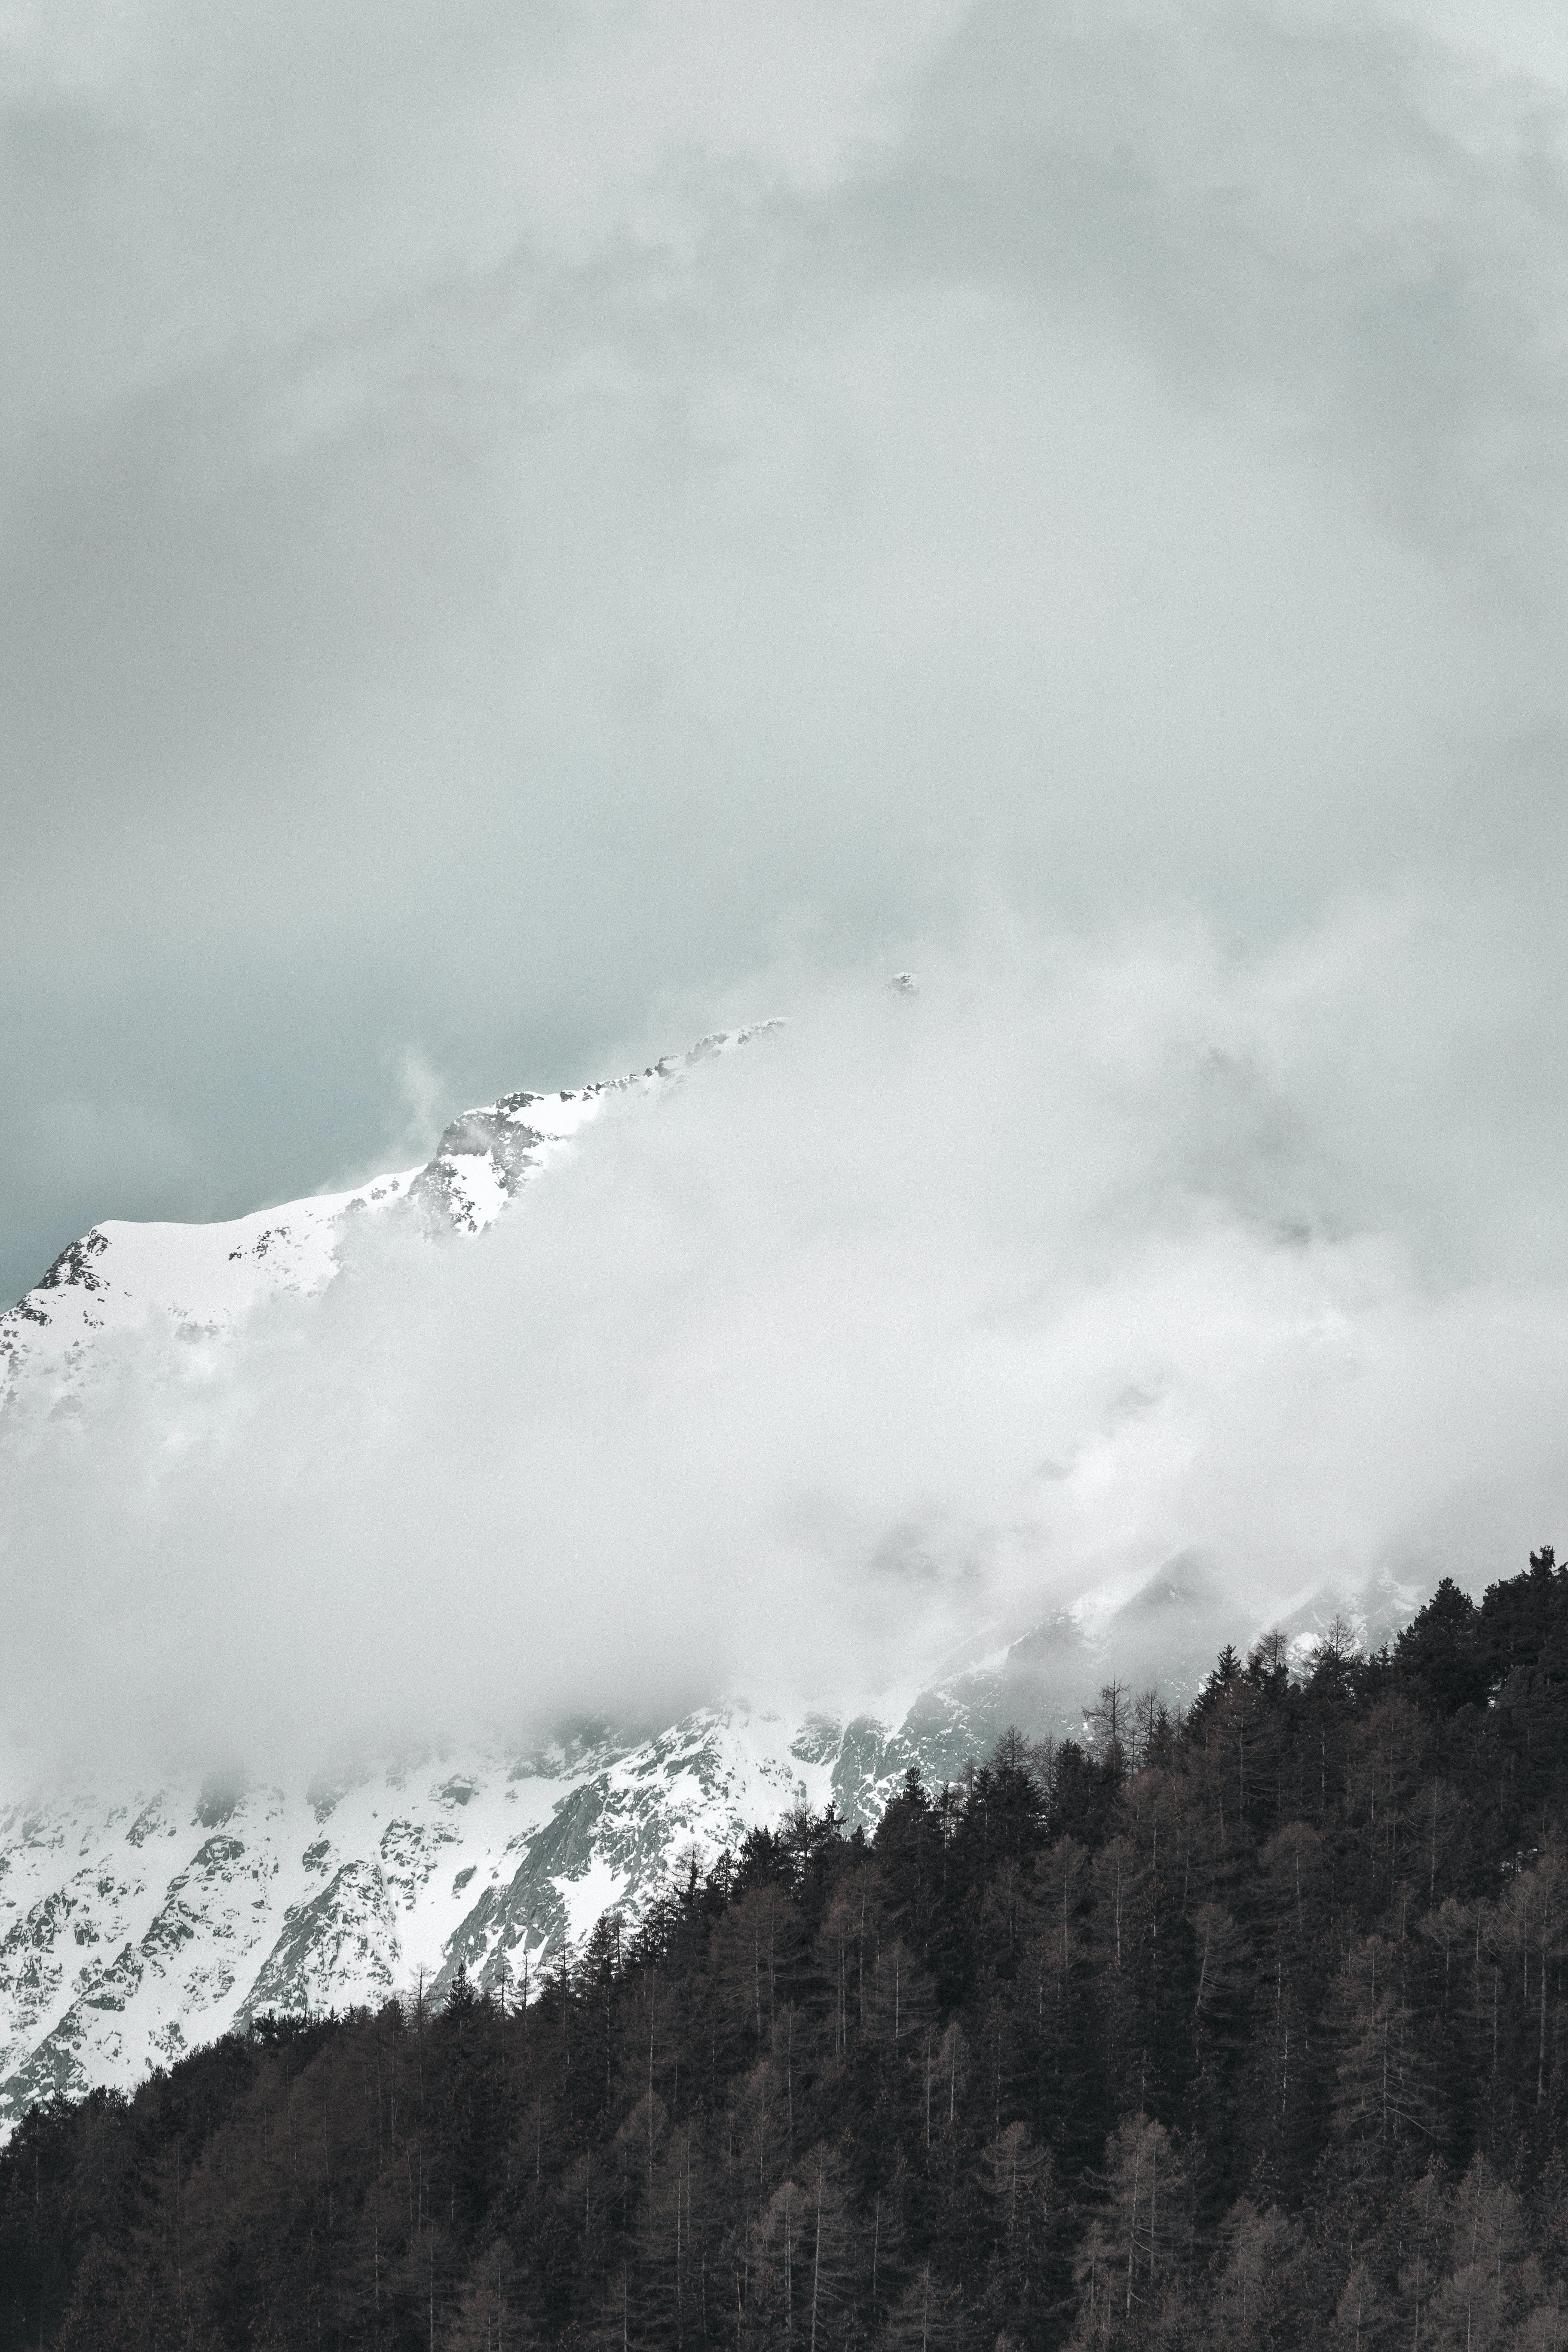 下雪的, 下雪的天氣, 冬季, 冰 的 免費圖庫相片